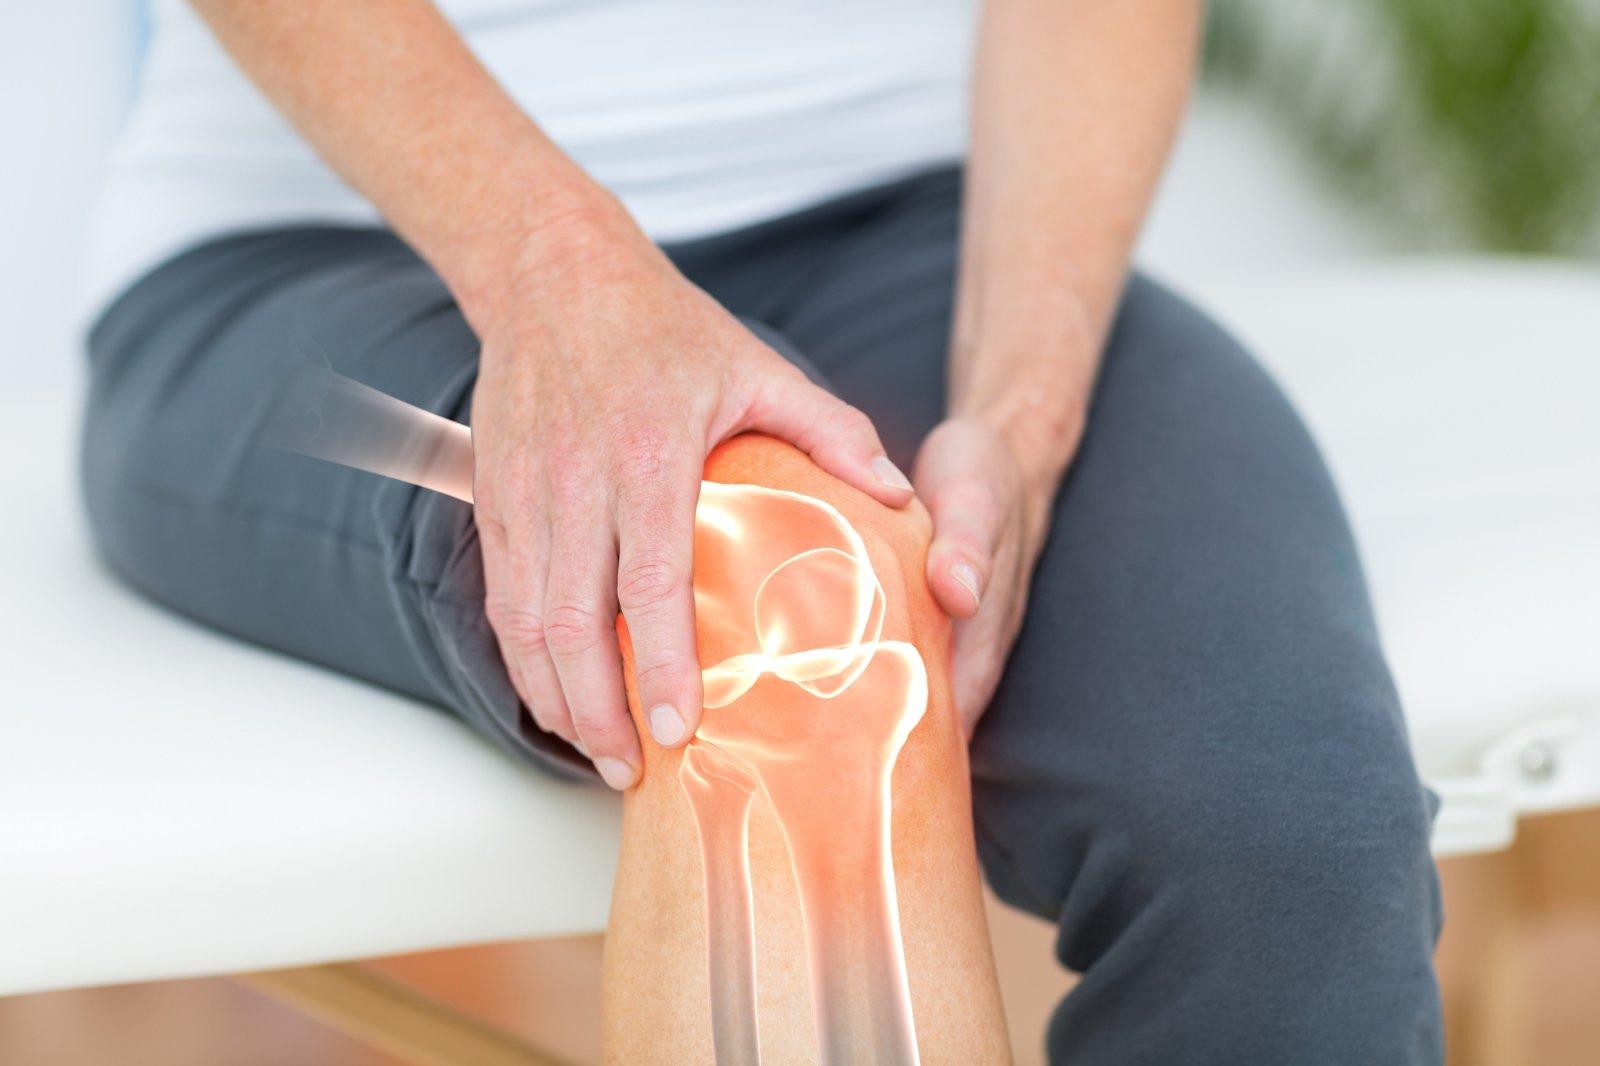 nuo ligų sąnarių podagrinį artrozė iš alkūnės sąnario